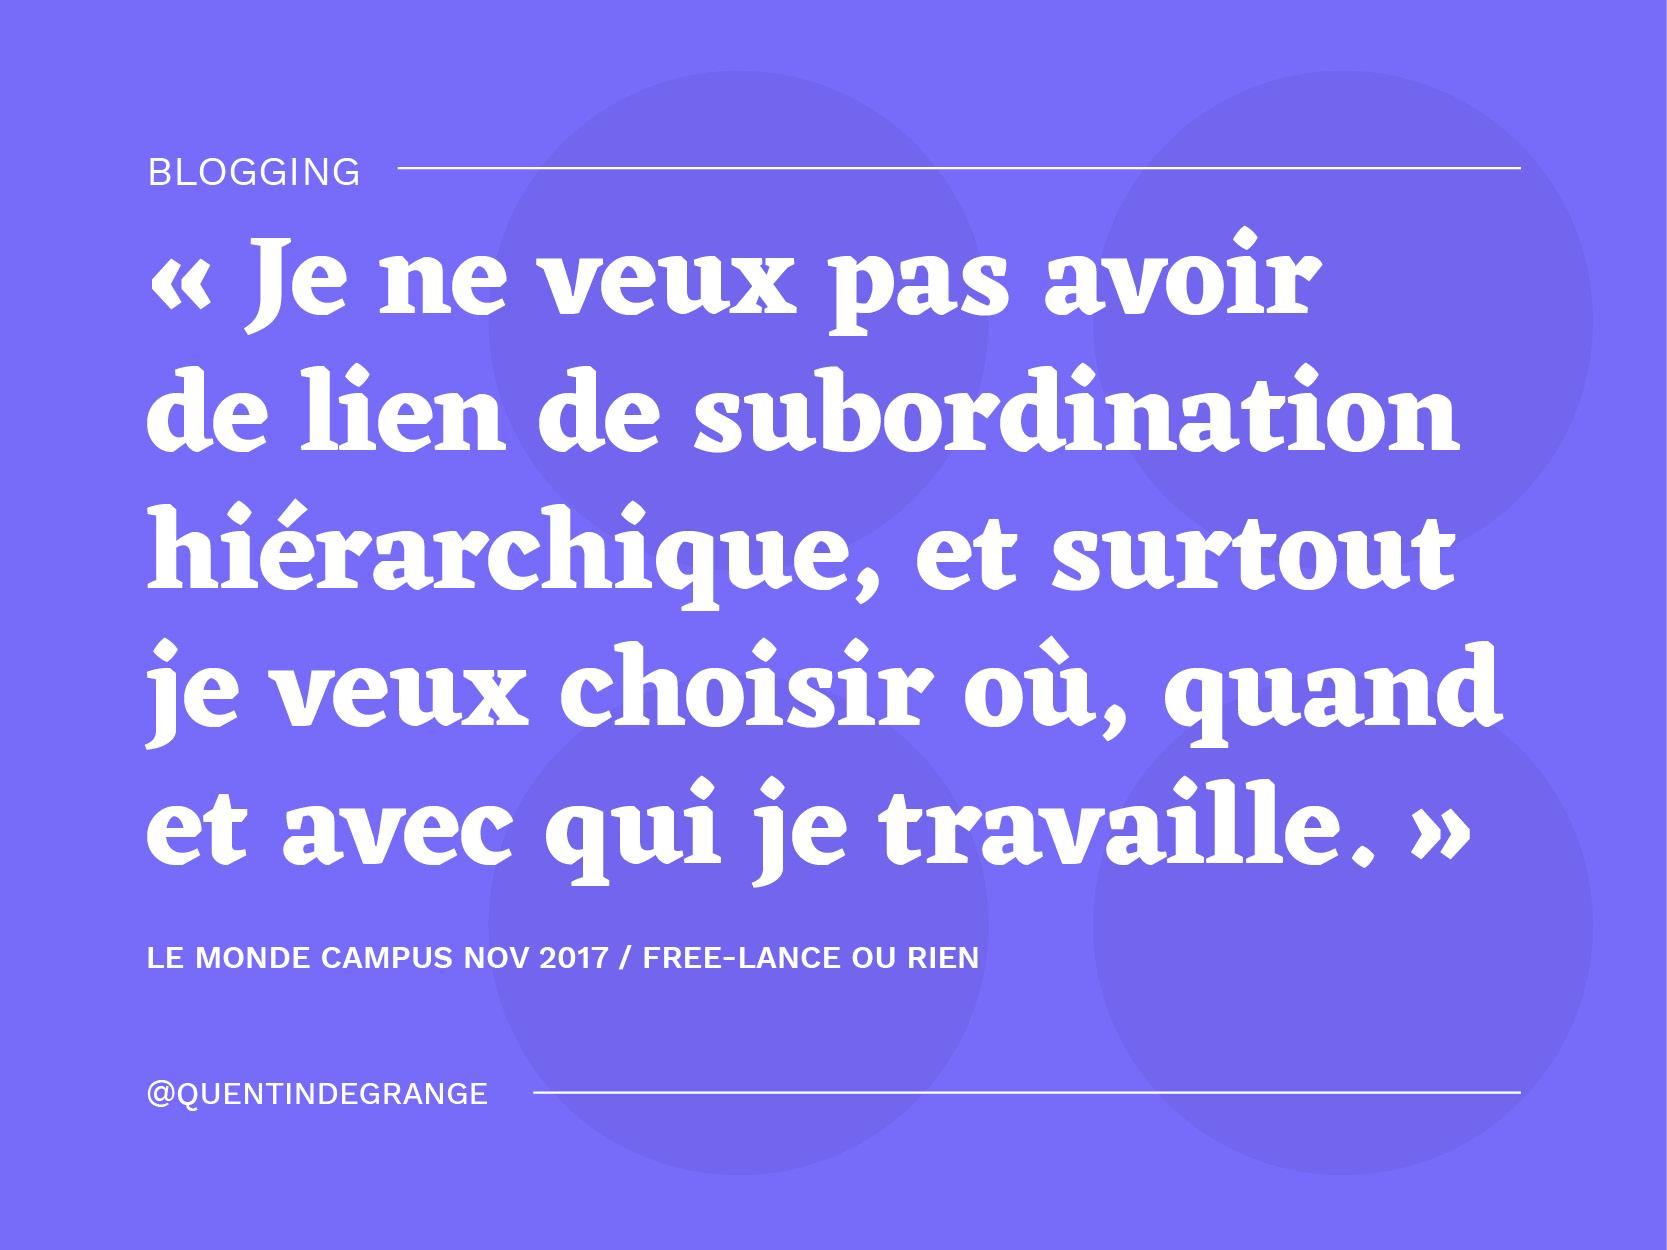 Interview : Le Monde Campus Novembre 2017. Free-lance ou rien !